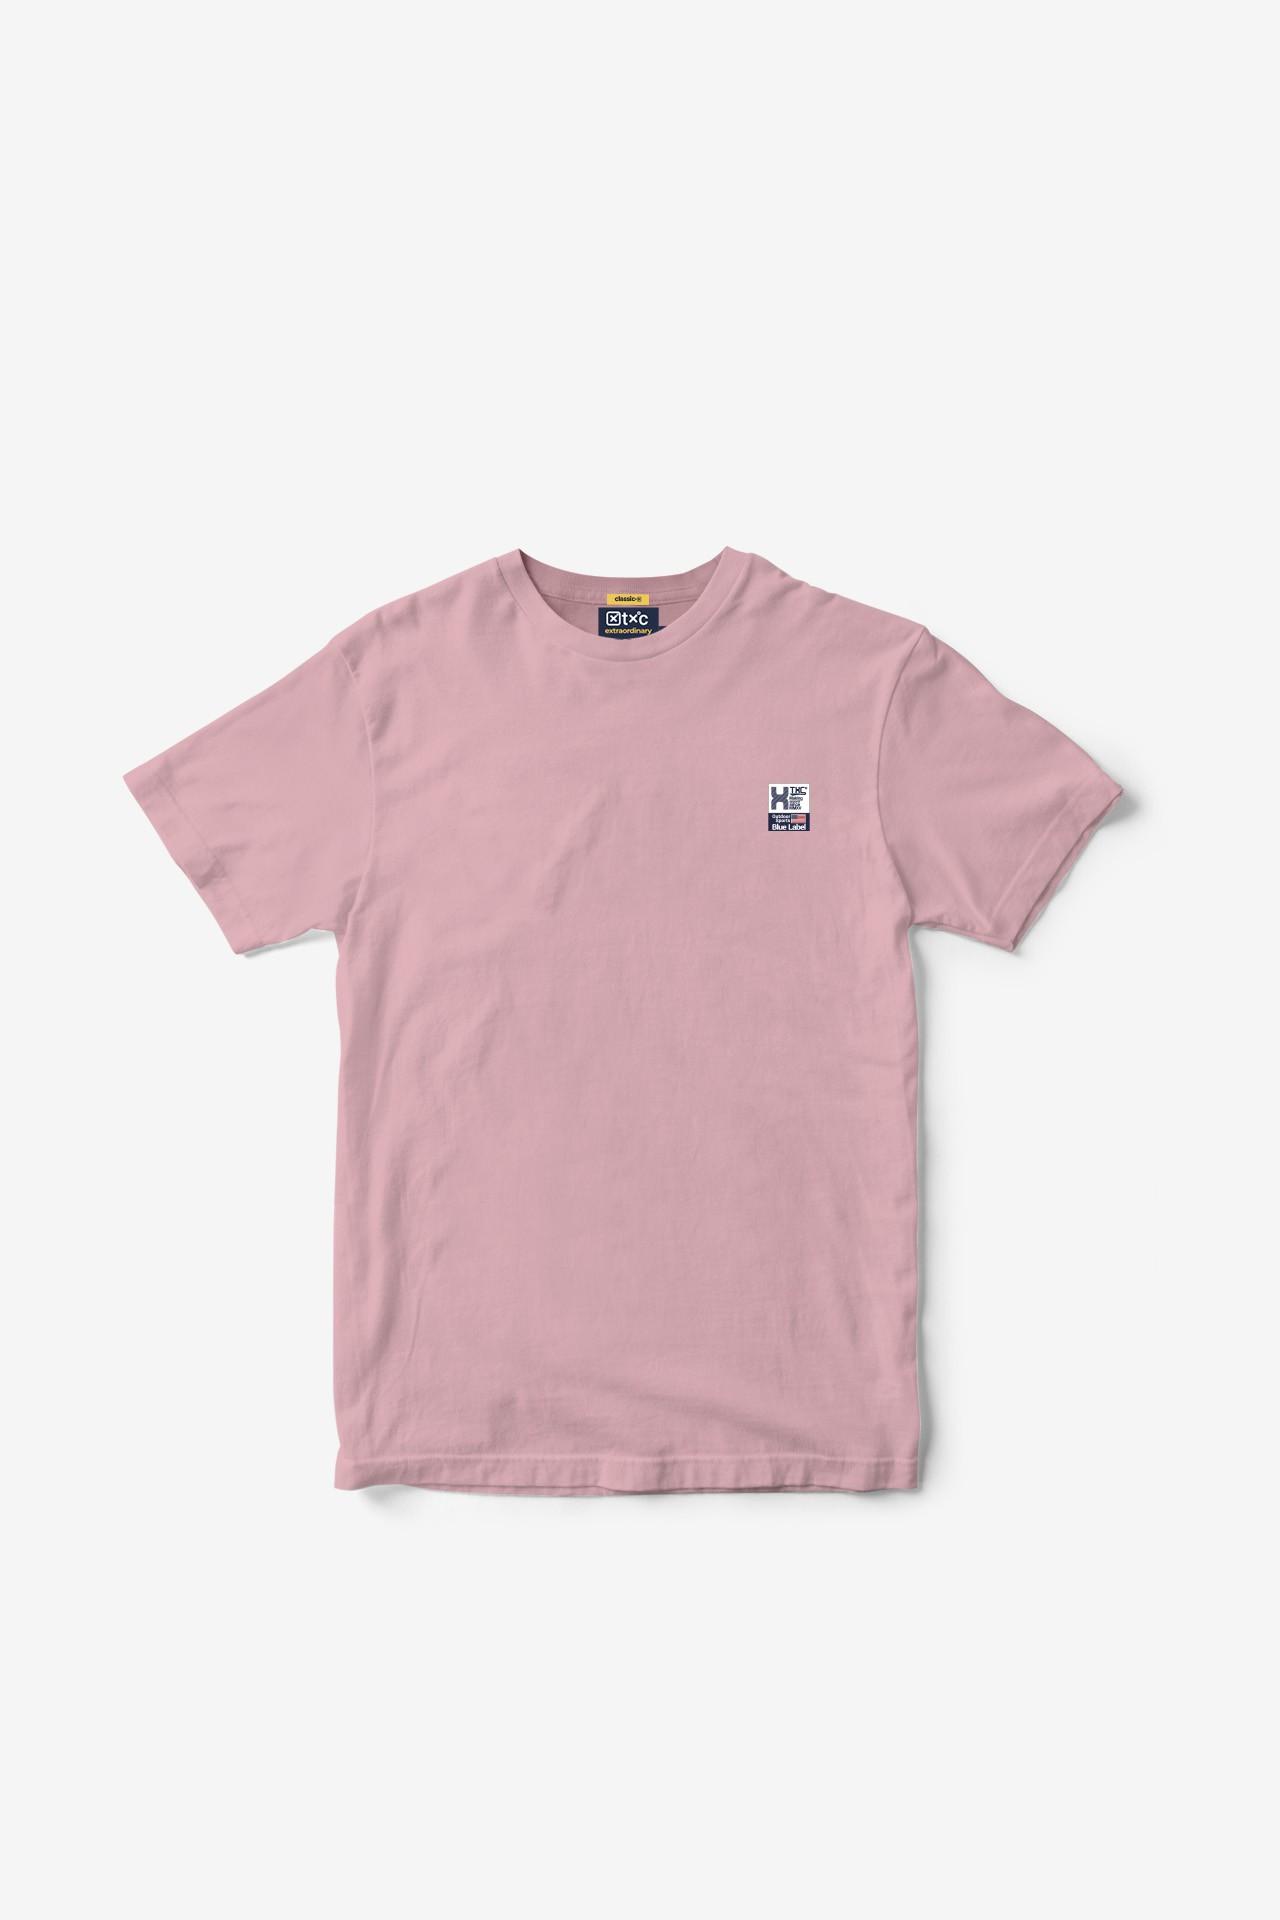 Camiseta TXC Brand 19097